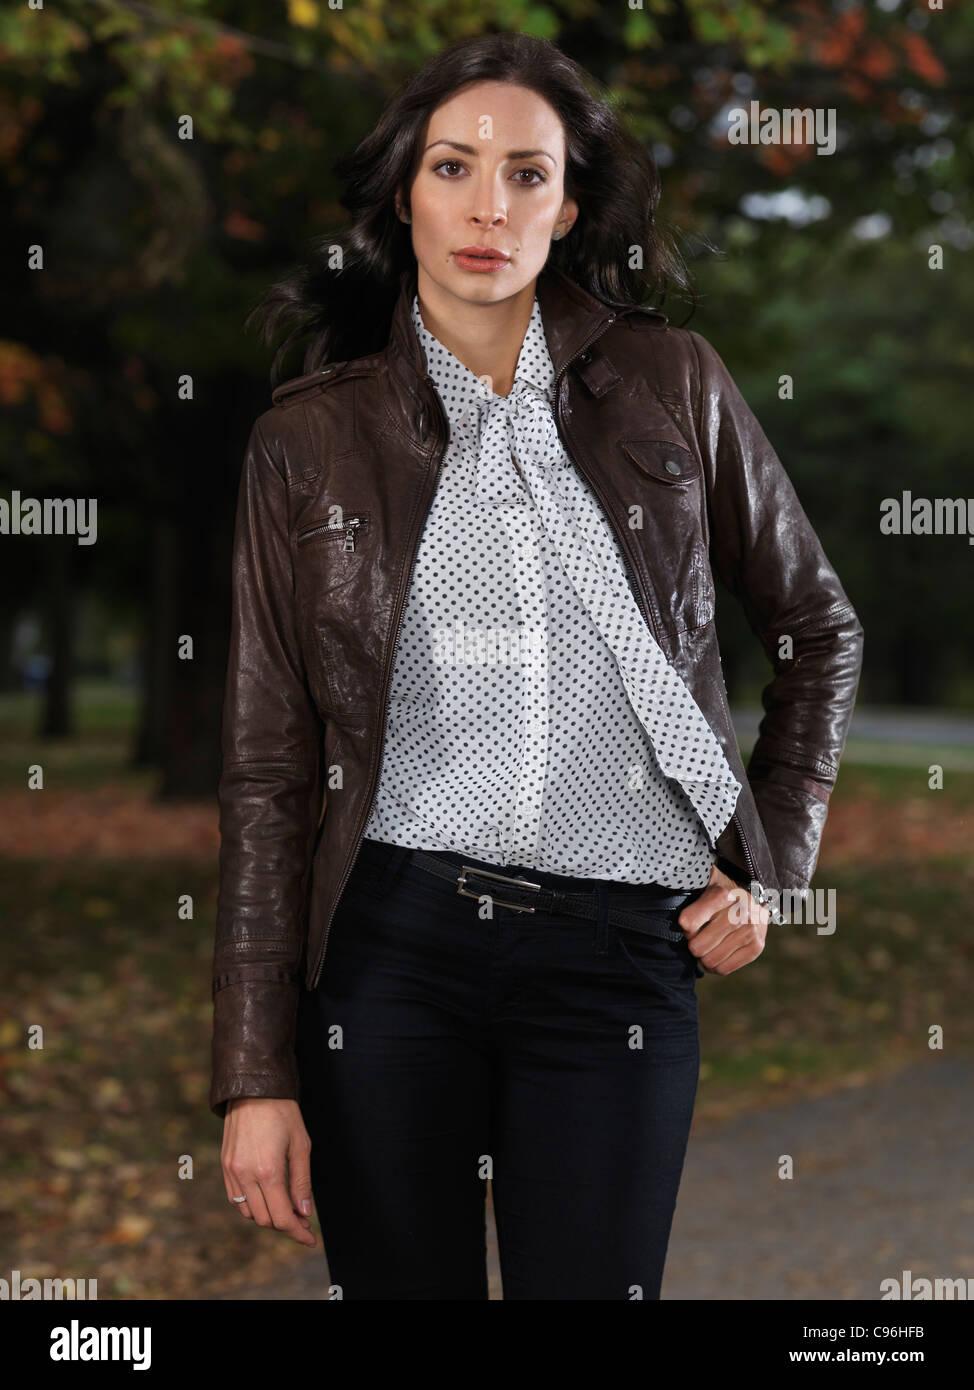 sale retailer dff79 5a140 Donna che indossa una giacca di pelle marrone una camicetta ...